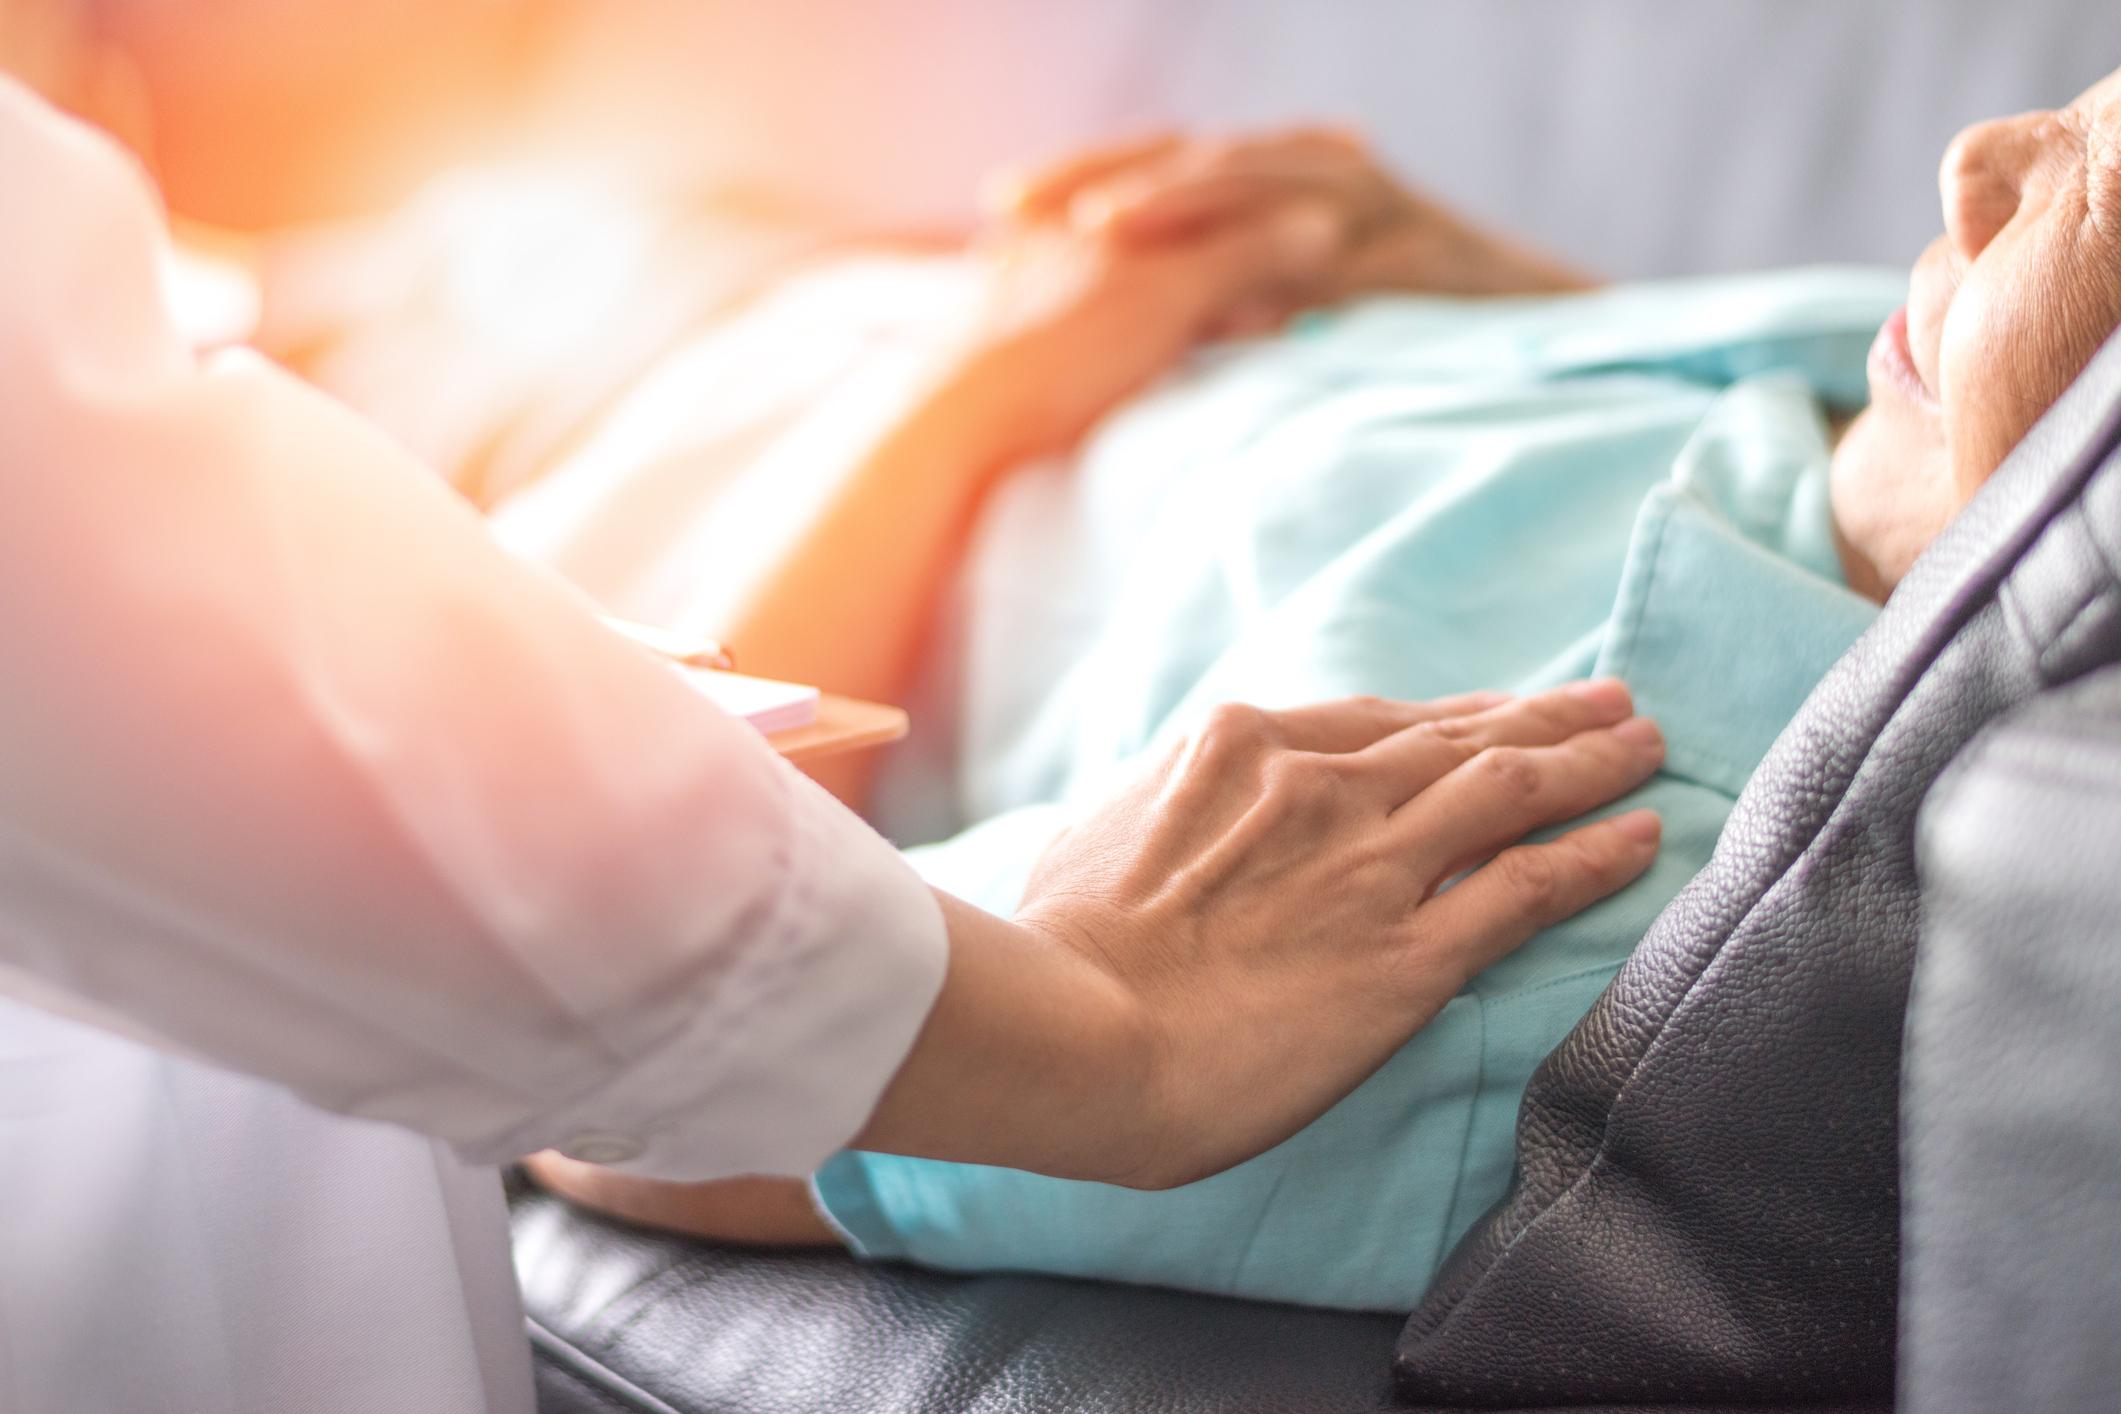 Cuidados paliativos en tiempos del Covid-19: cuidar, más allá del curar